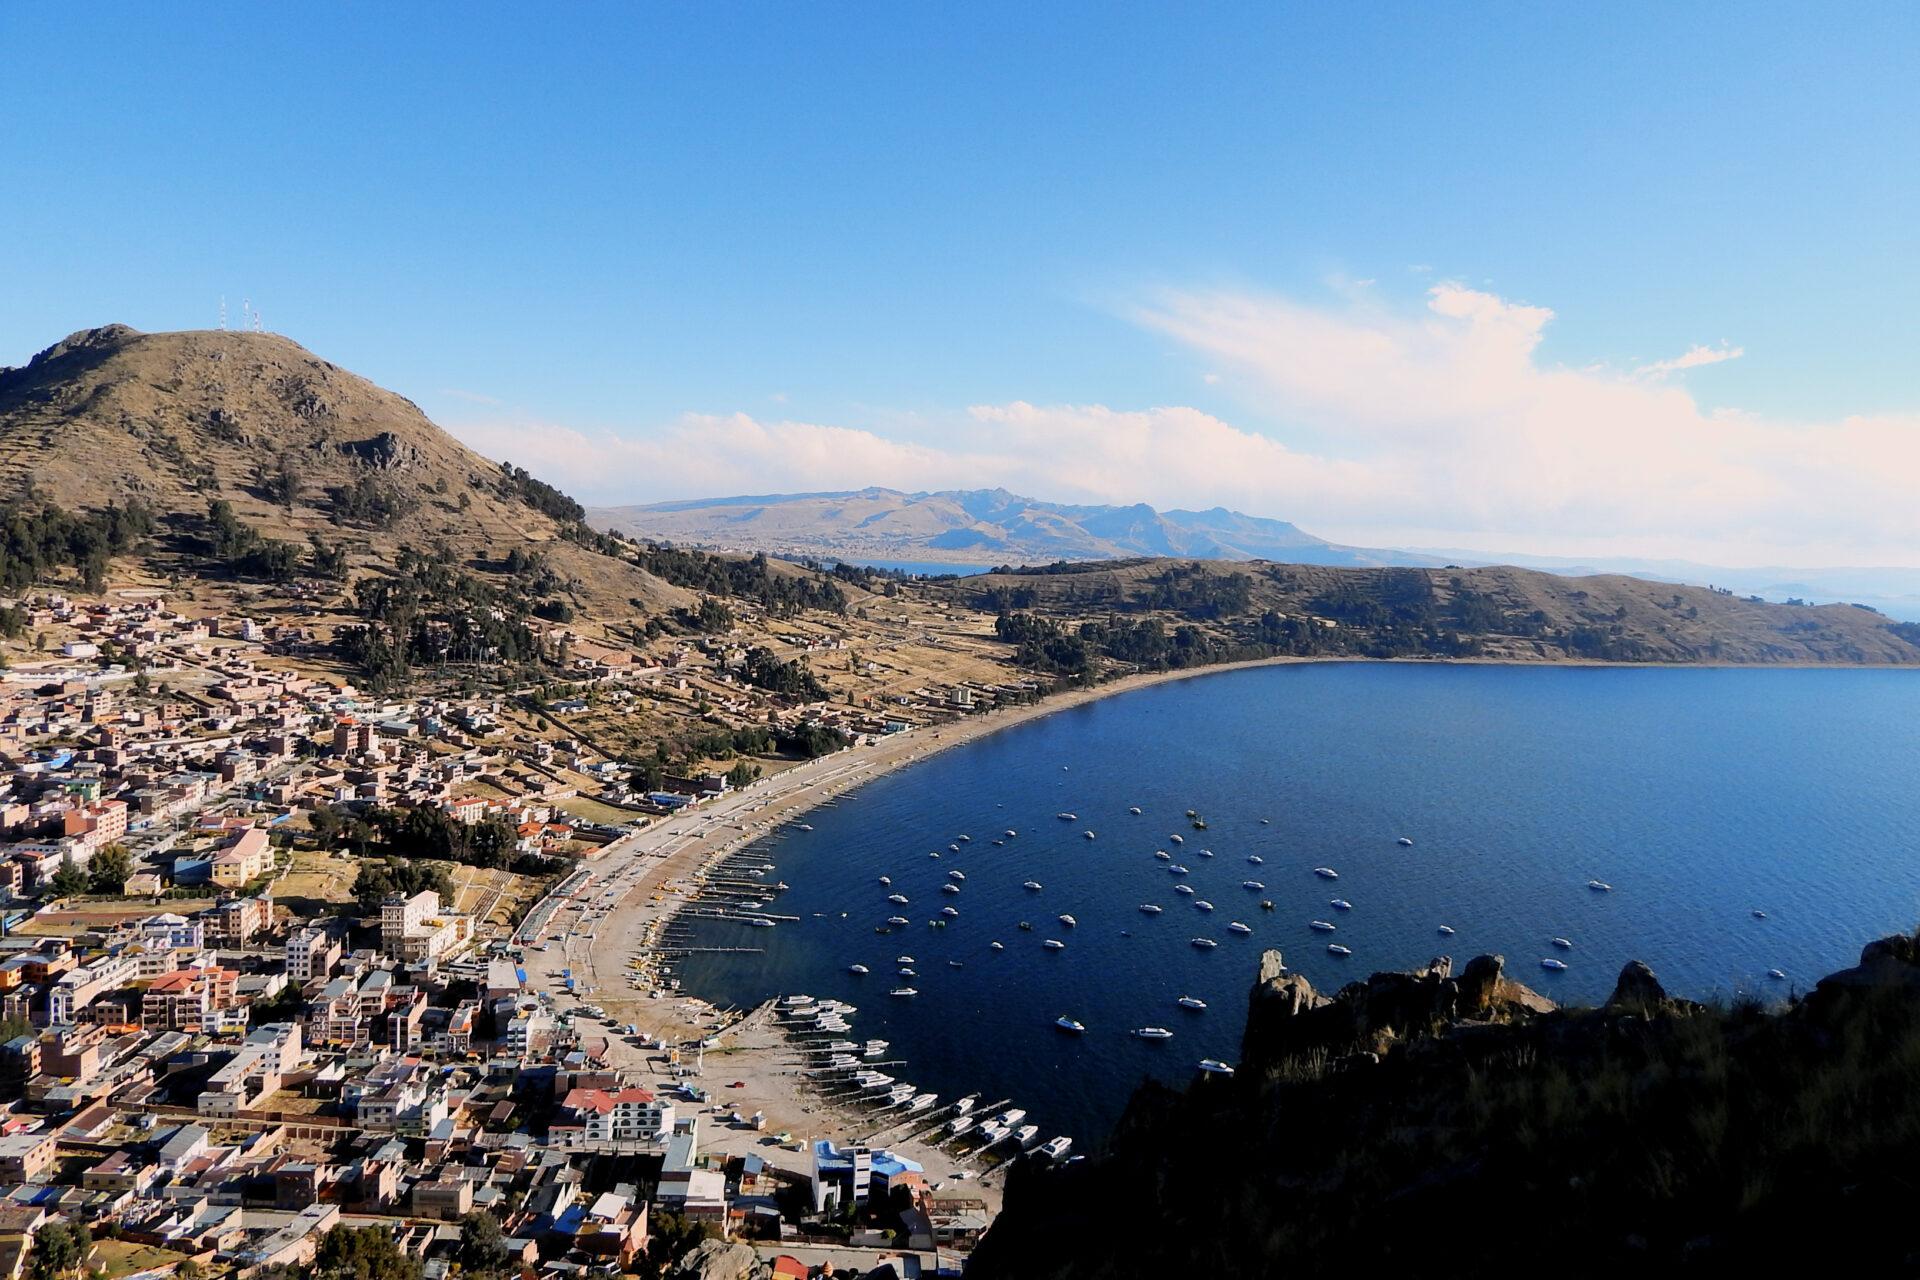 Bolivien - Copacabana Original - Die bolivianische Seite des Titicacasees